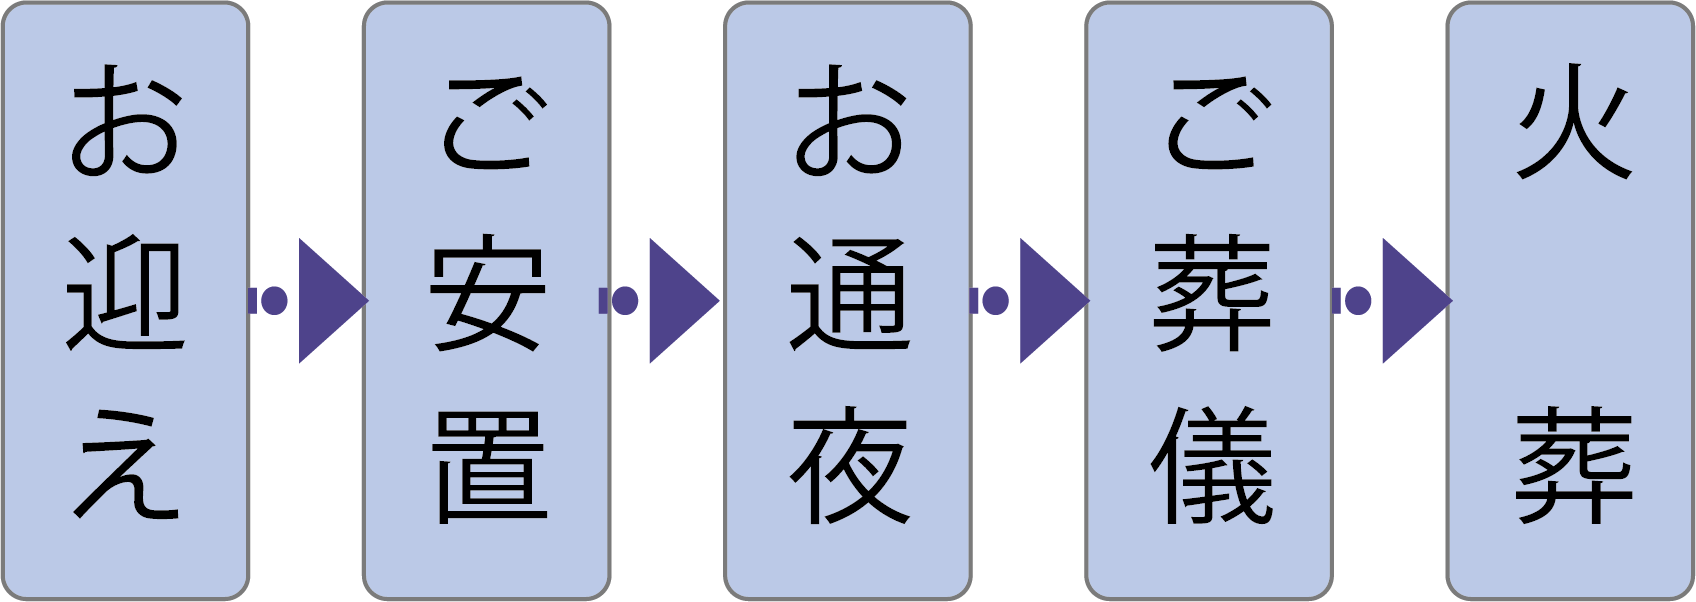 100-plan-flow